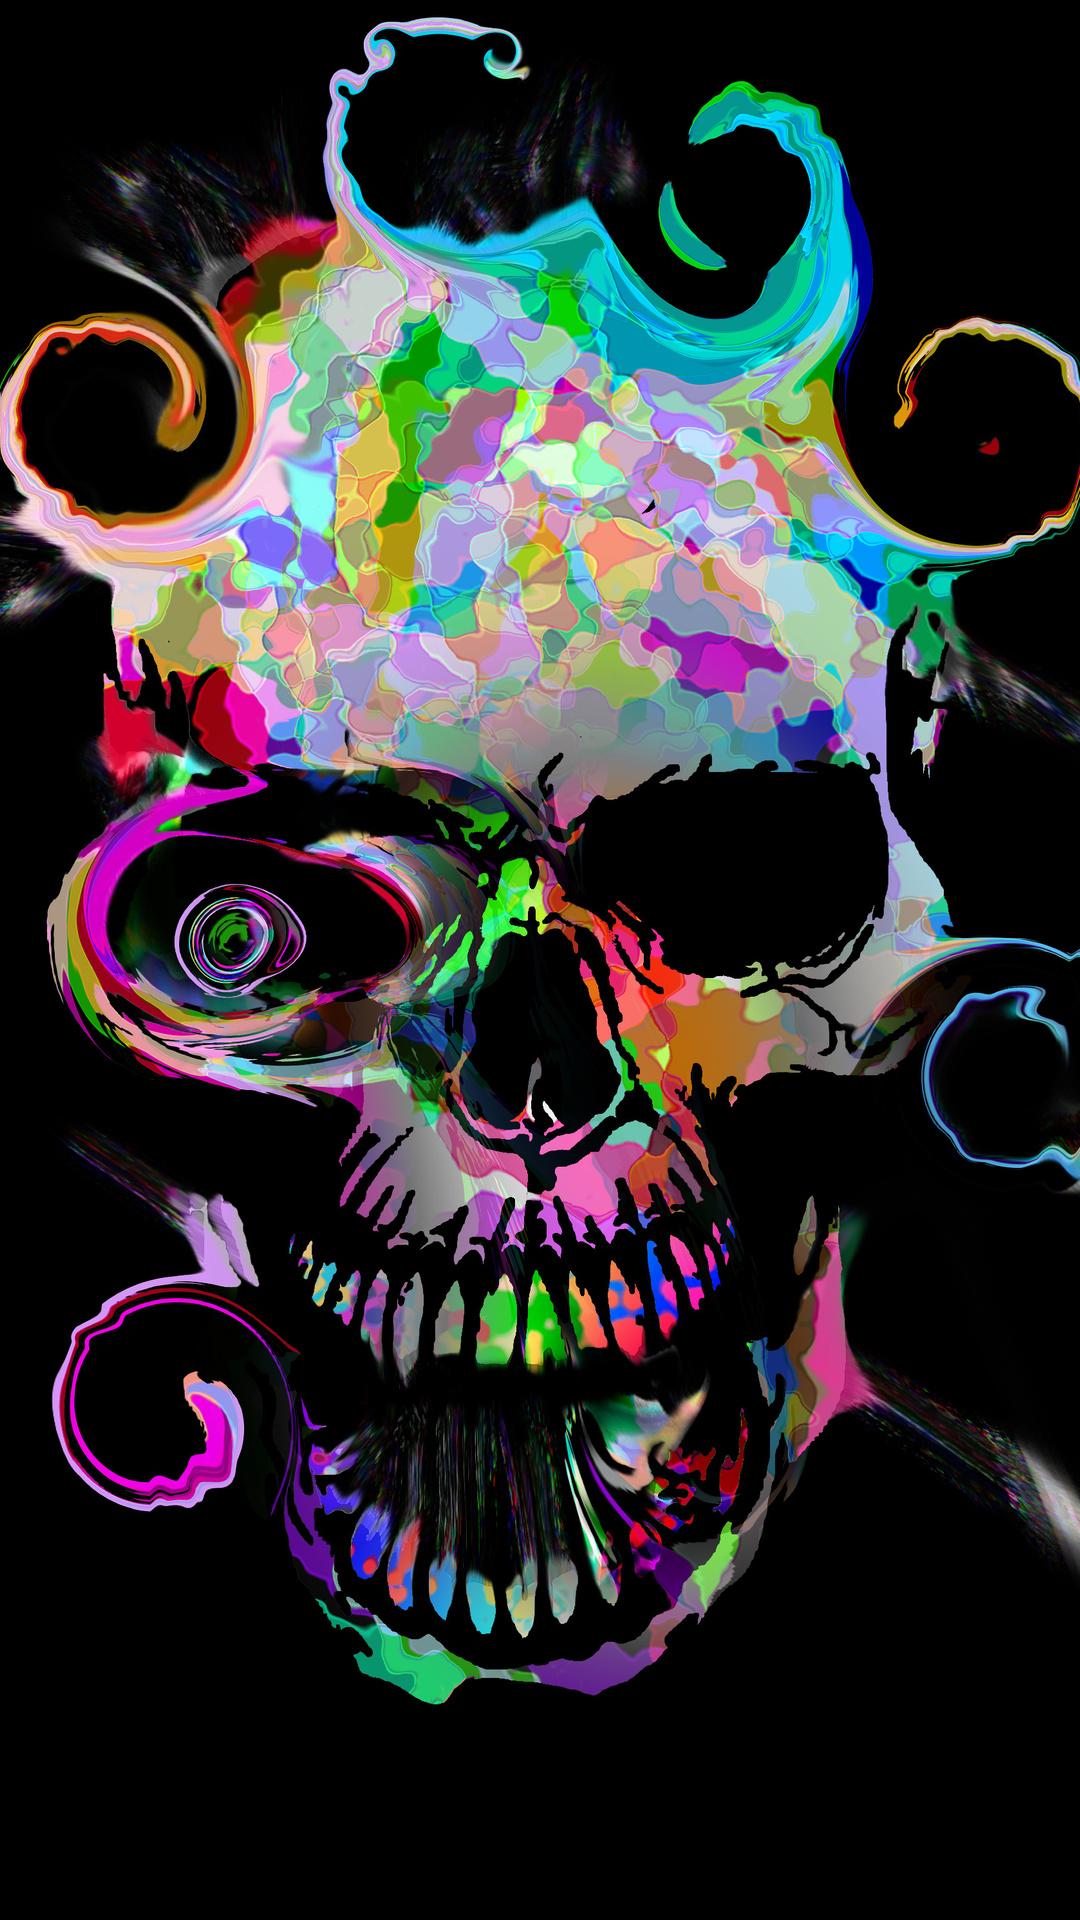 artistic-colorful-skull-78.jpg